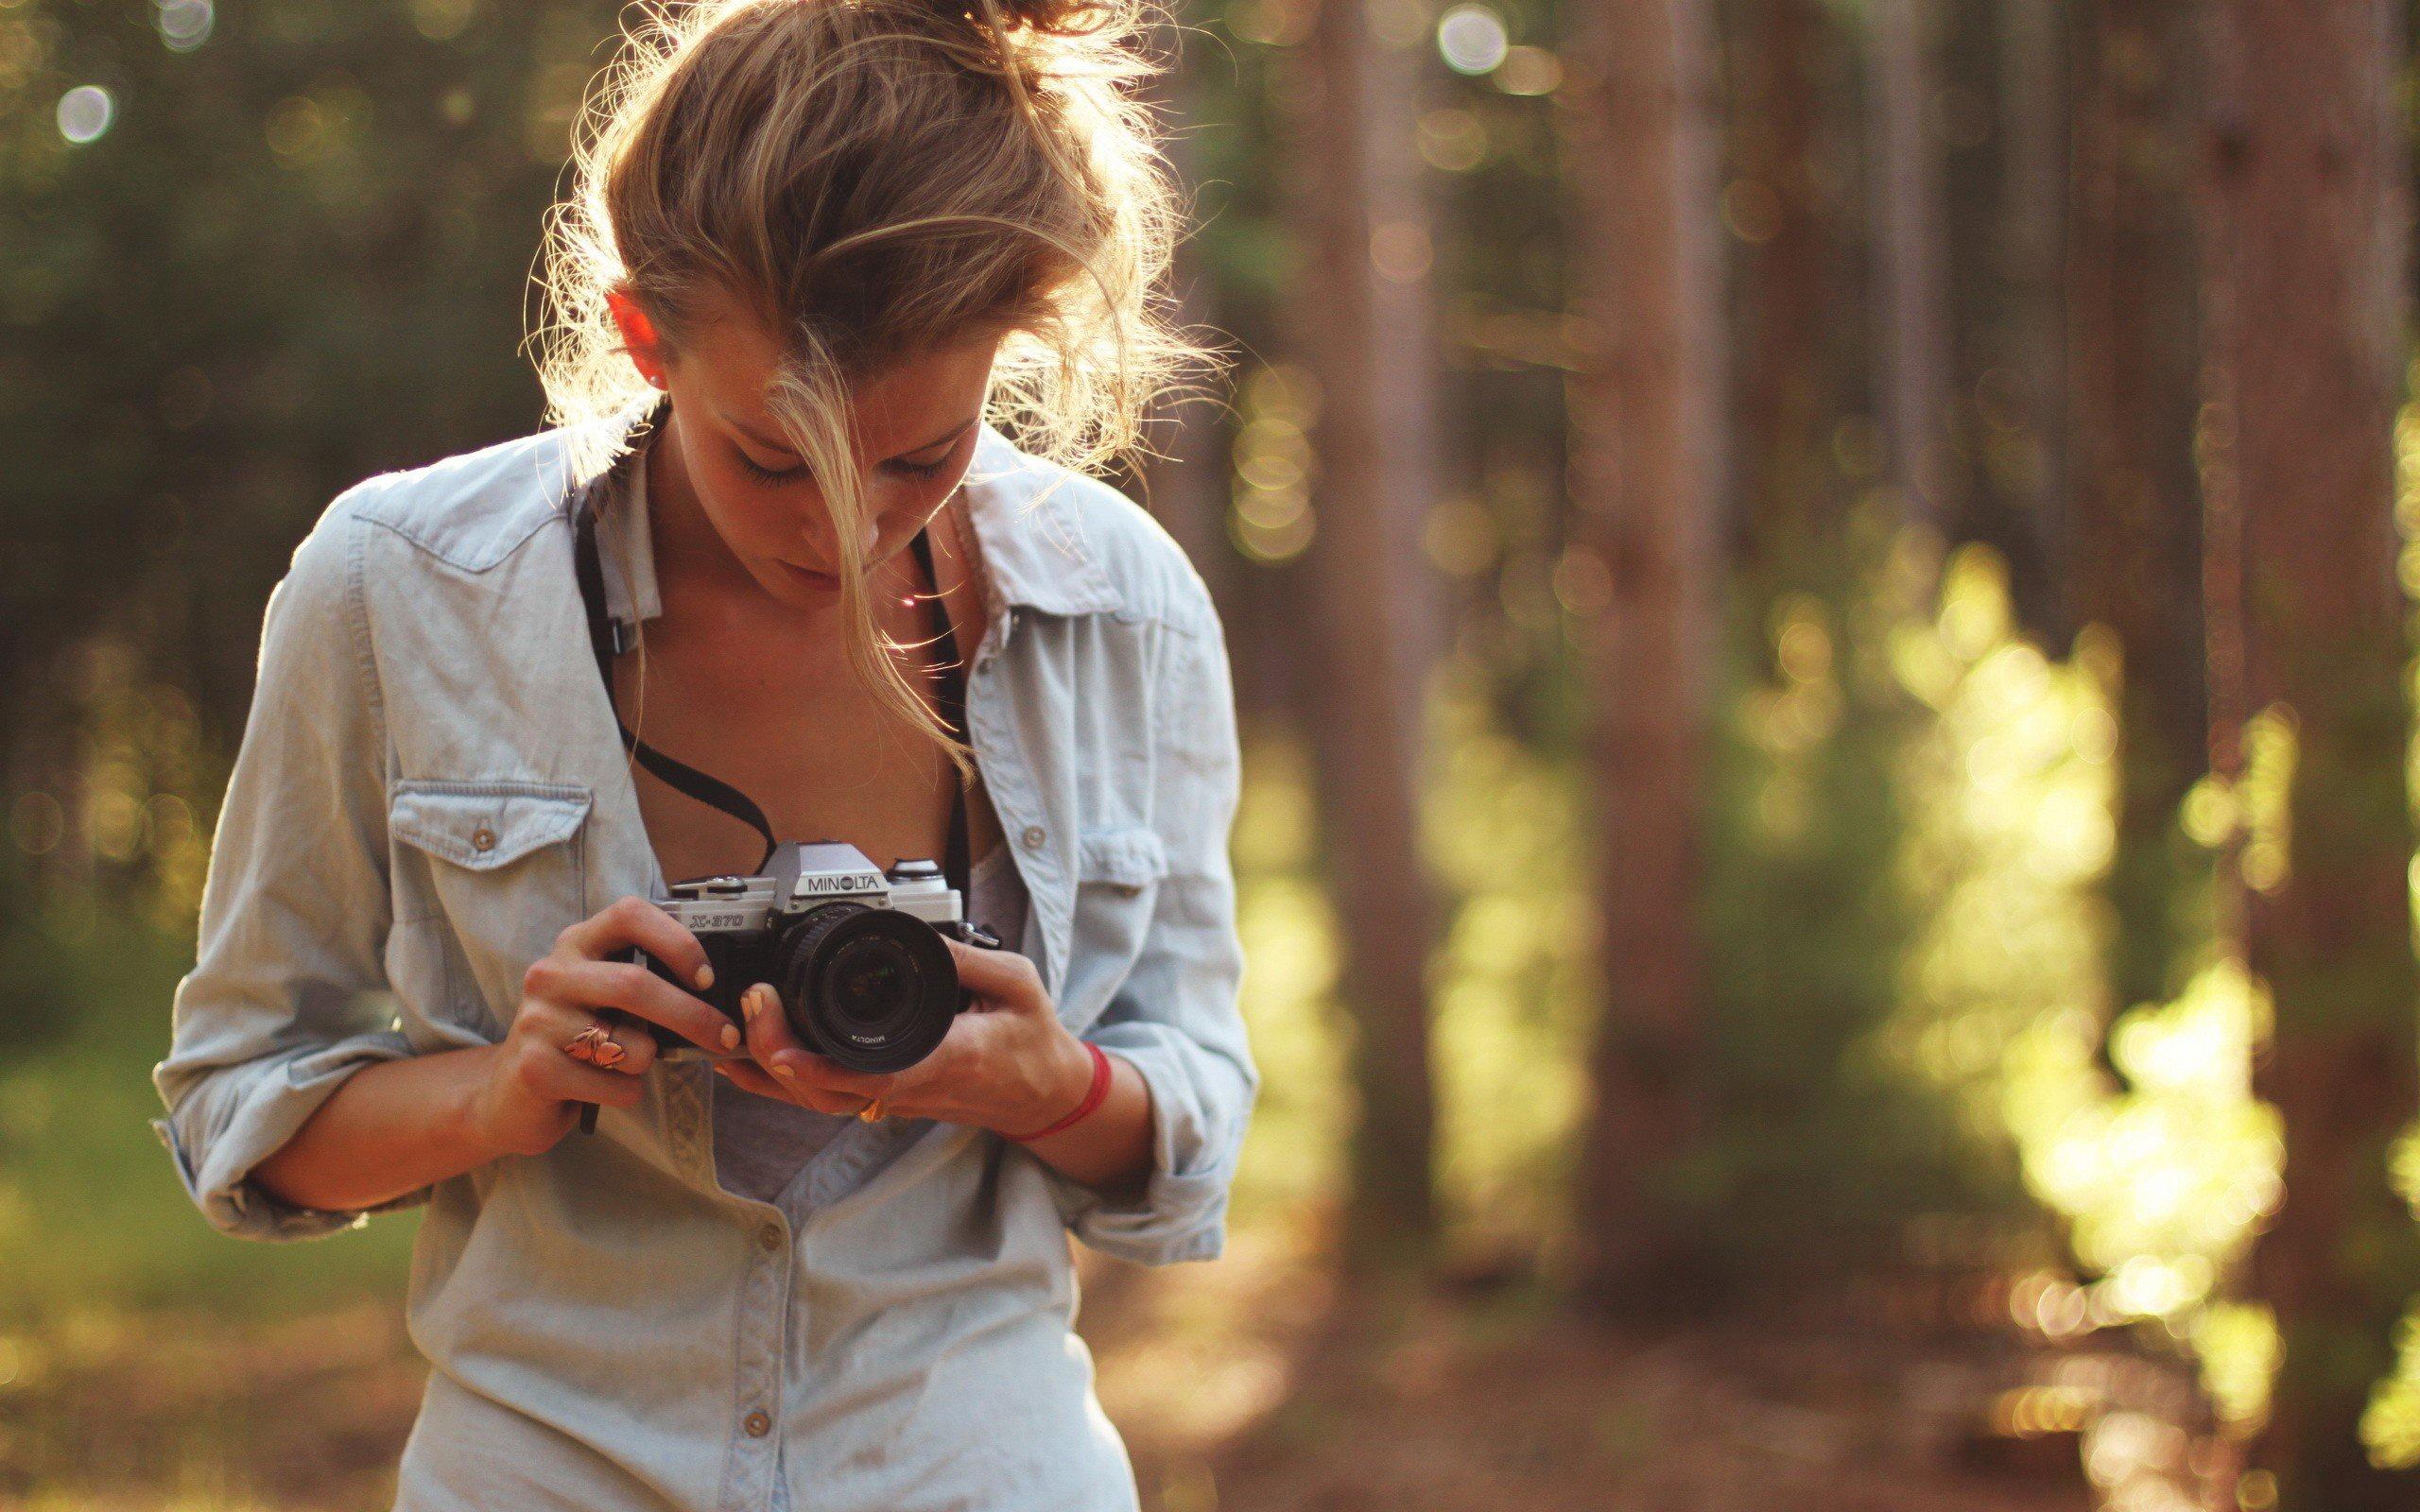 Как на фото сделать подпись фотографа на